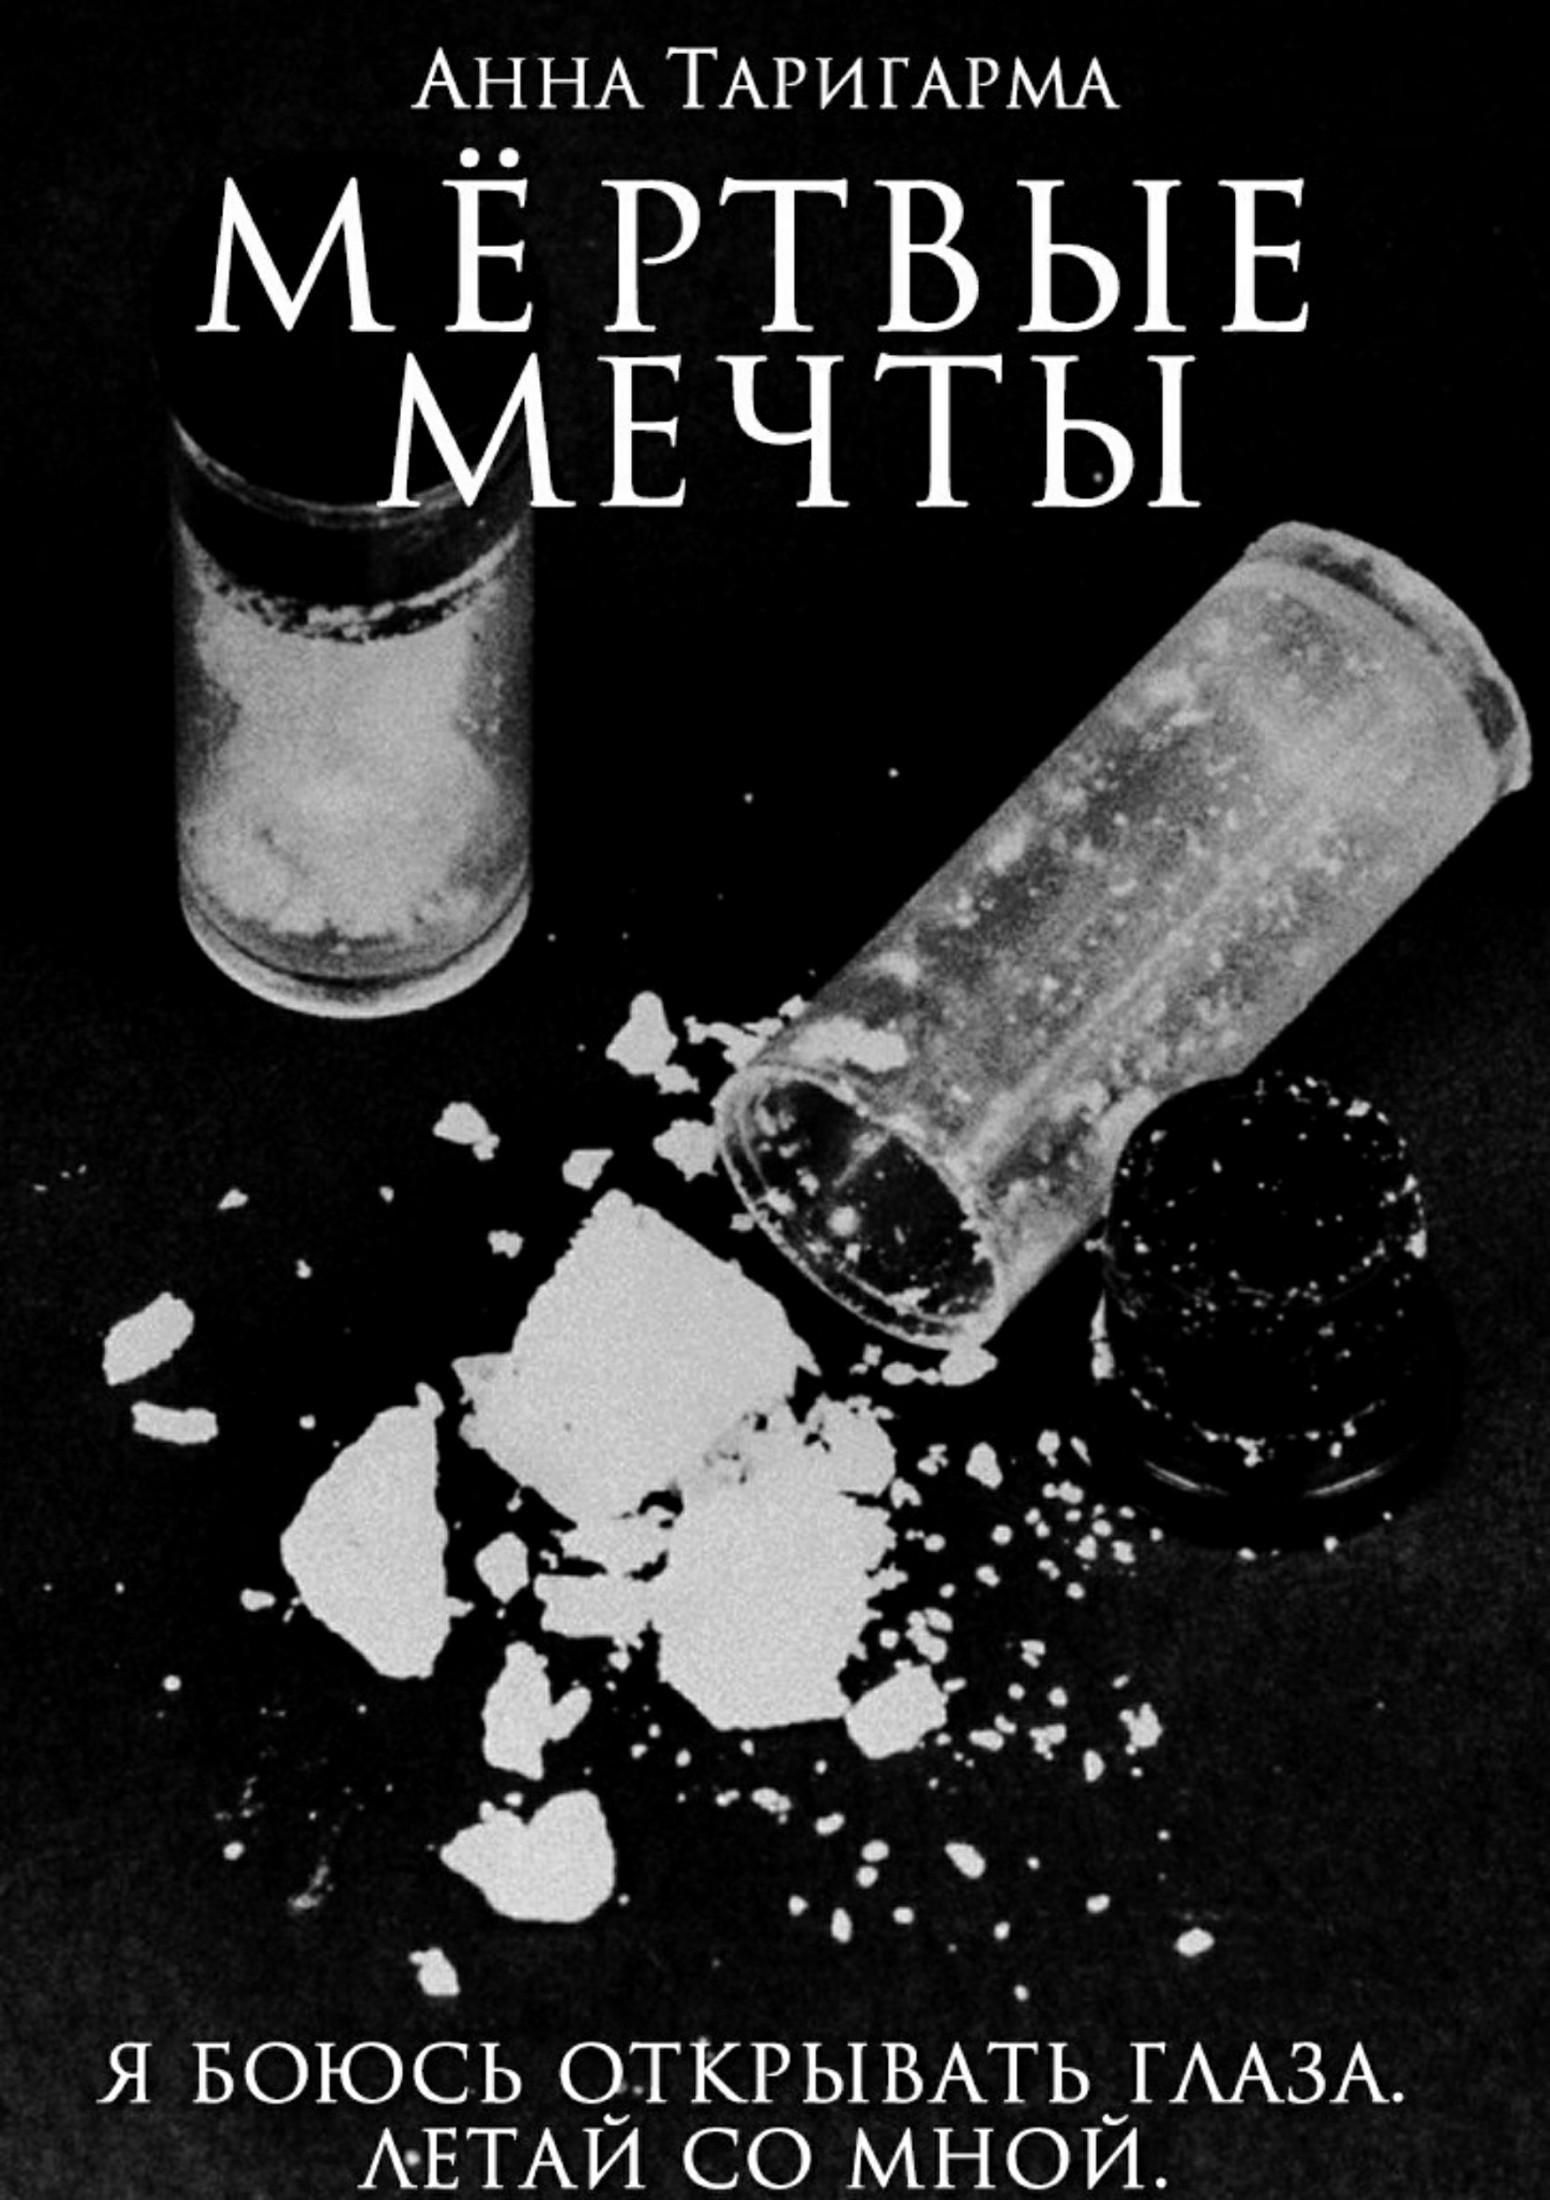 Книга Мёртвые мечты